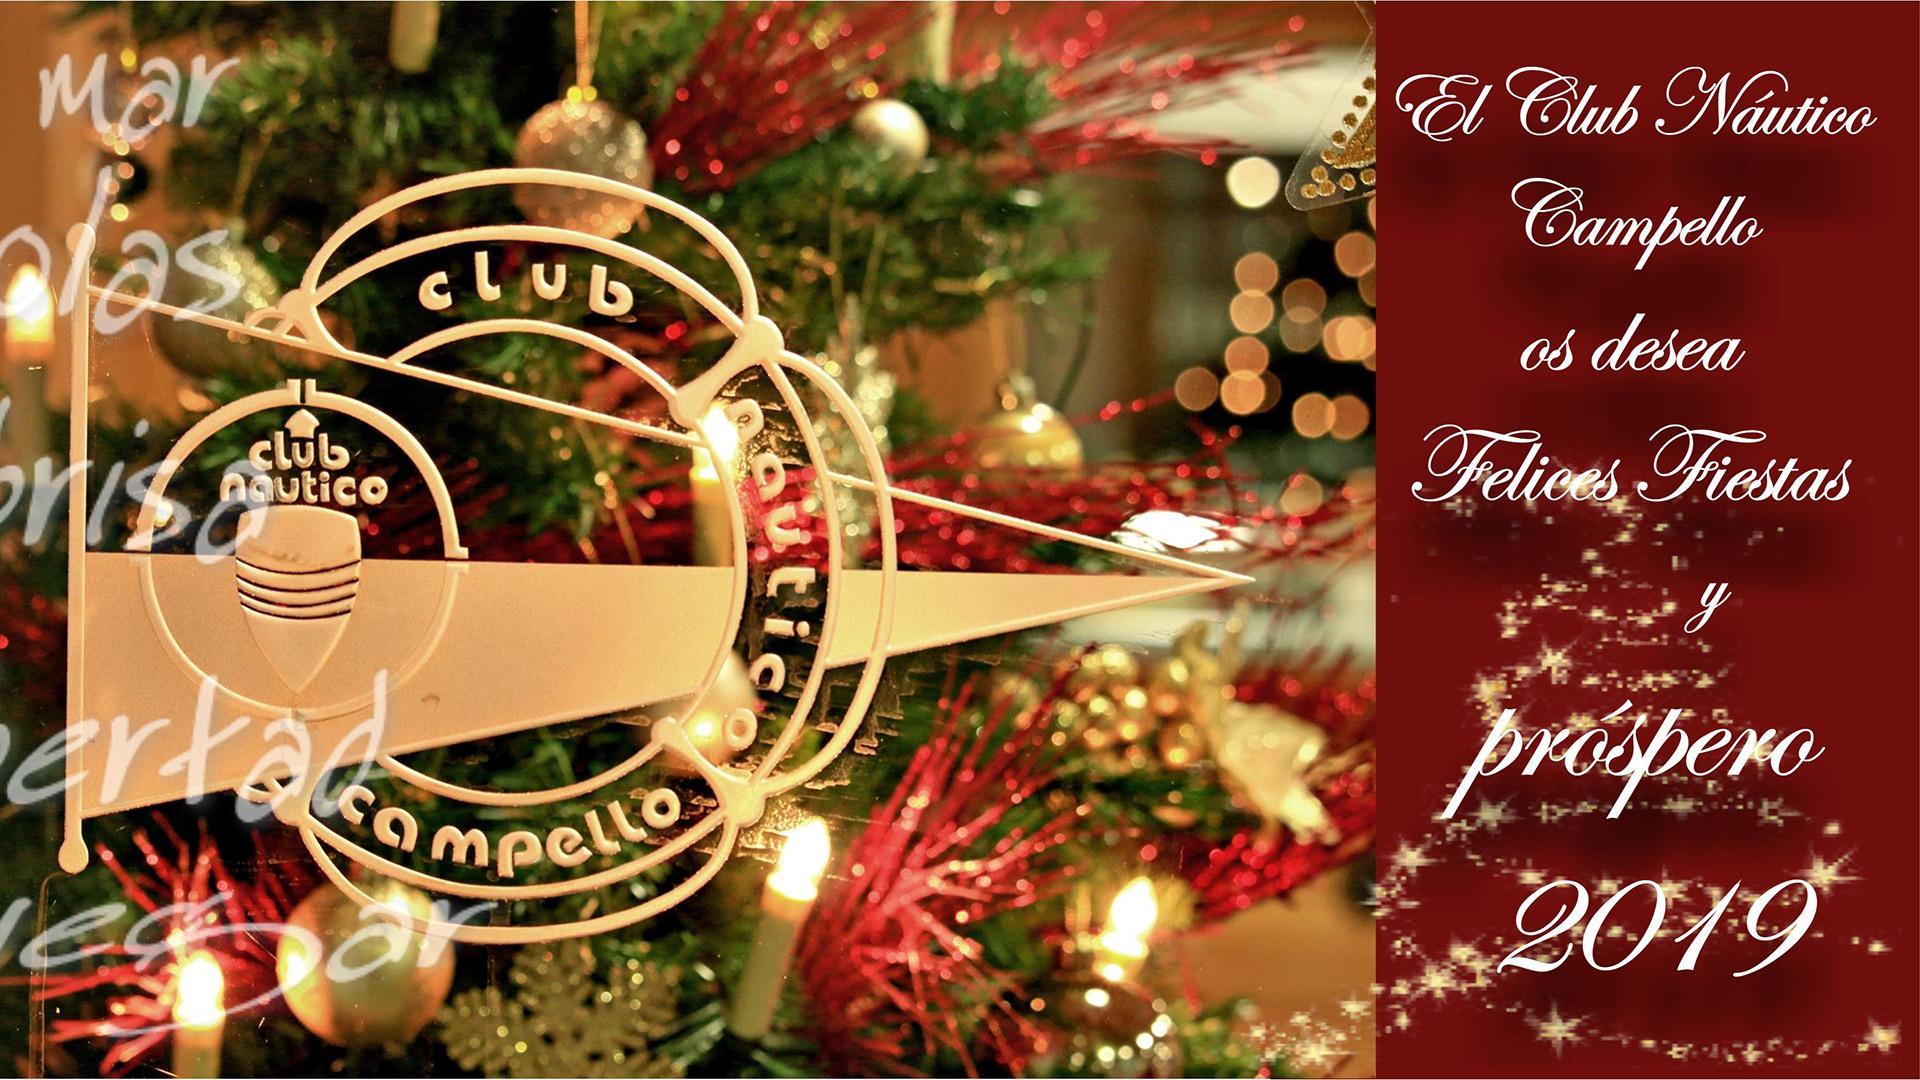 Feliz Navidad y prospero 2019